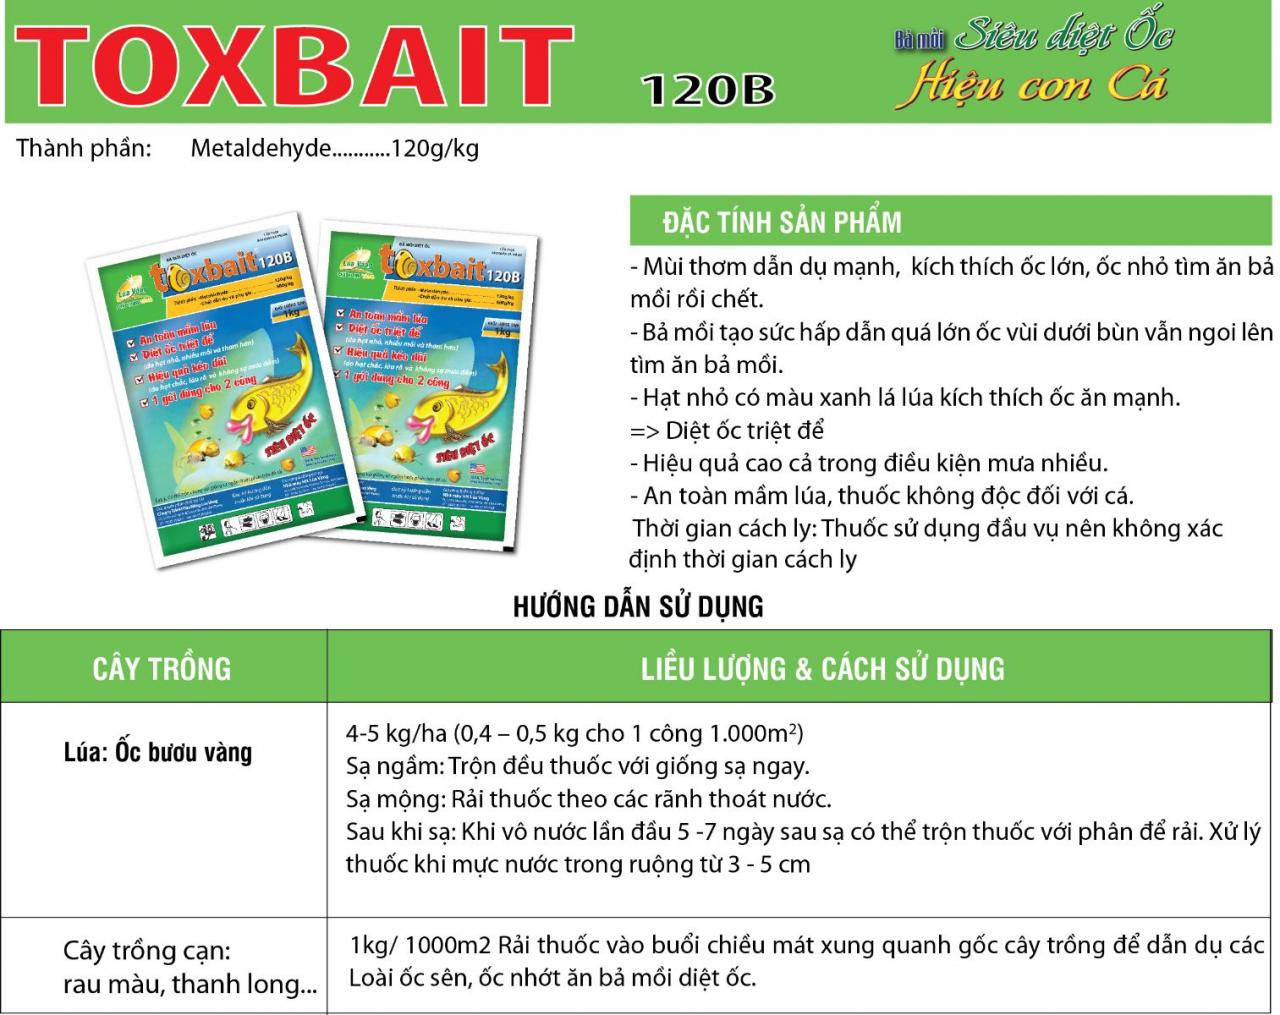 Toxbait 120AB